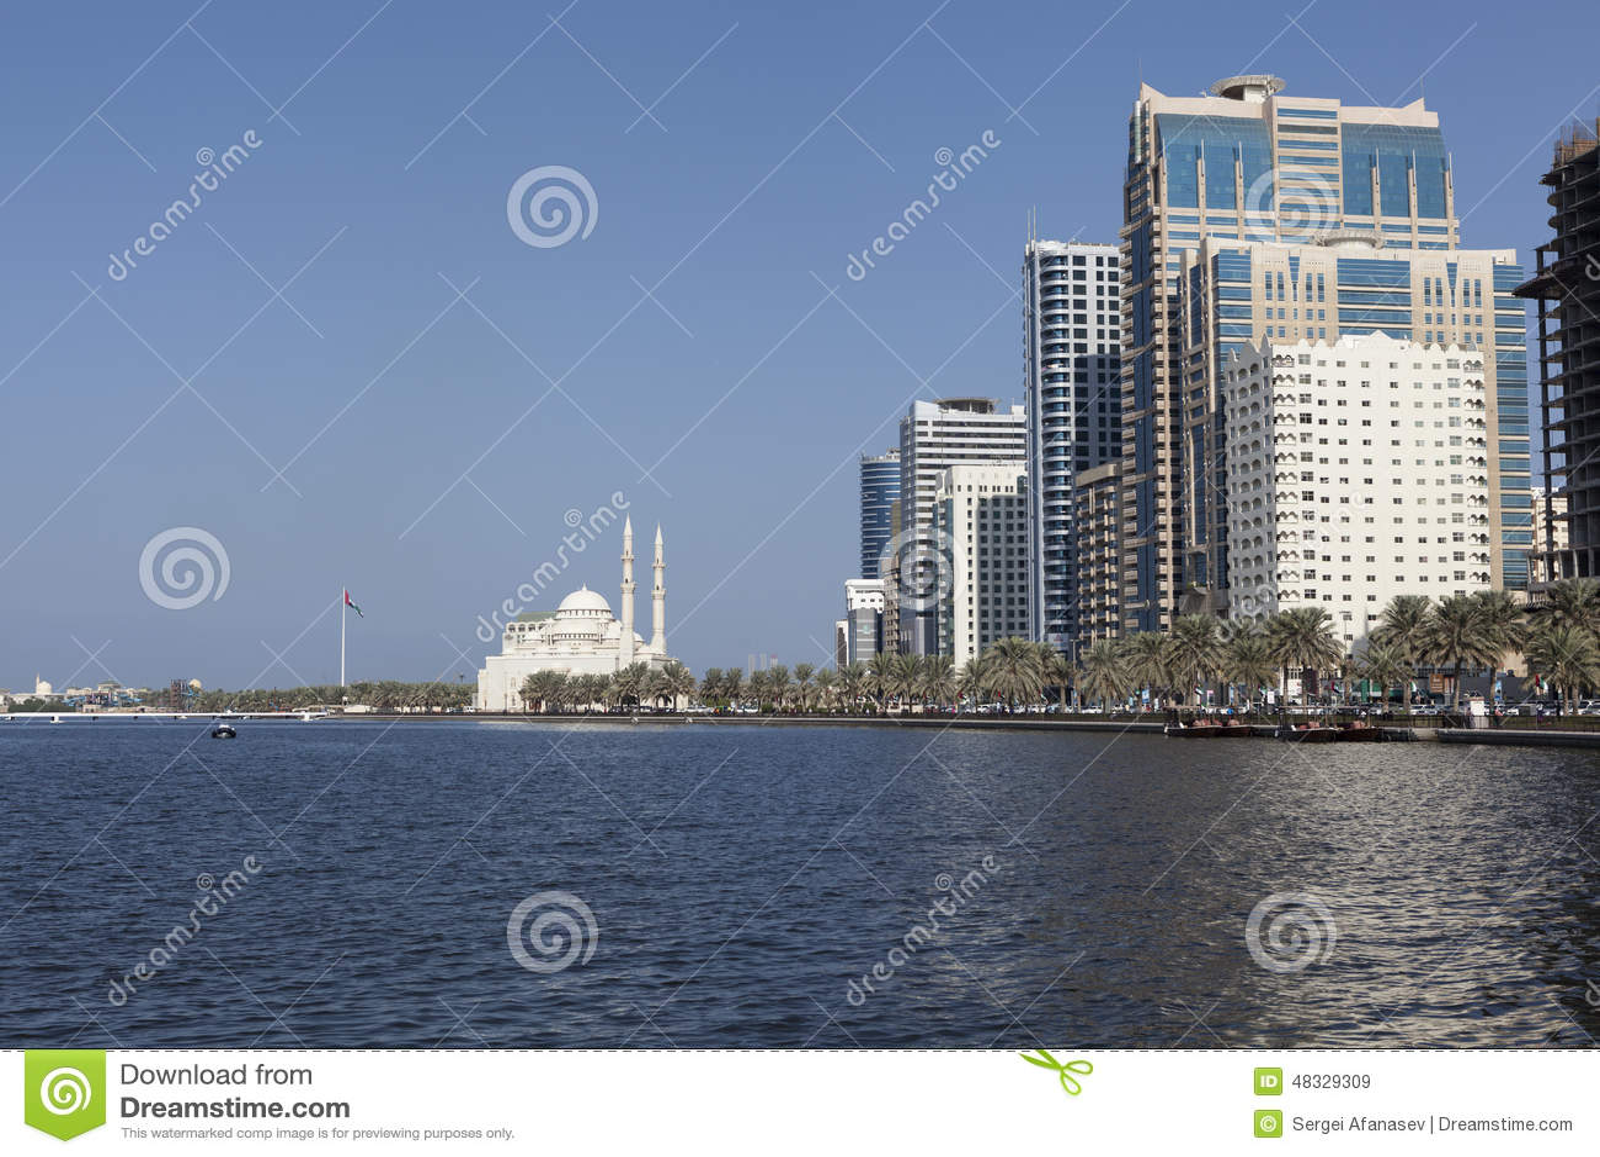 Sikt Khalid Lagoon och Al Noor Mosque (Al Noor Mosque) Sharjah förenade arabiska emirates